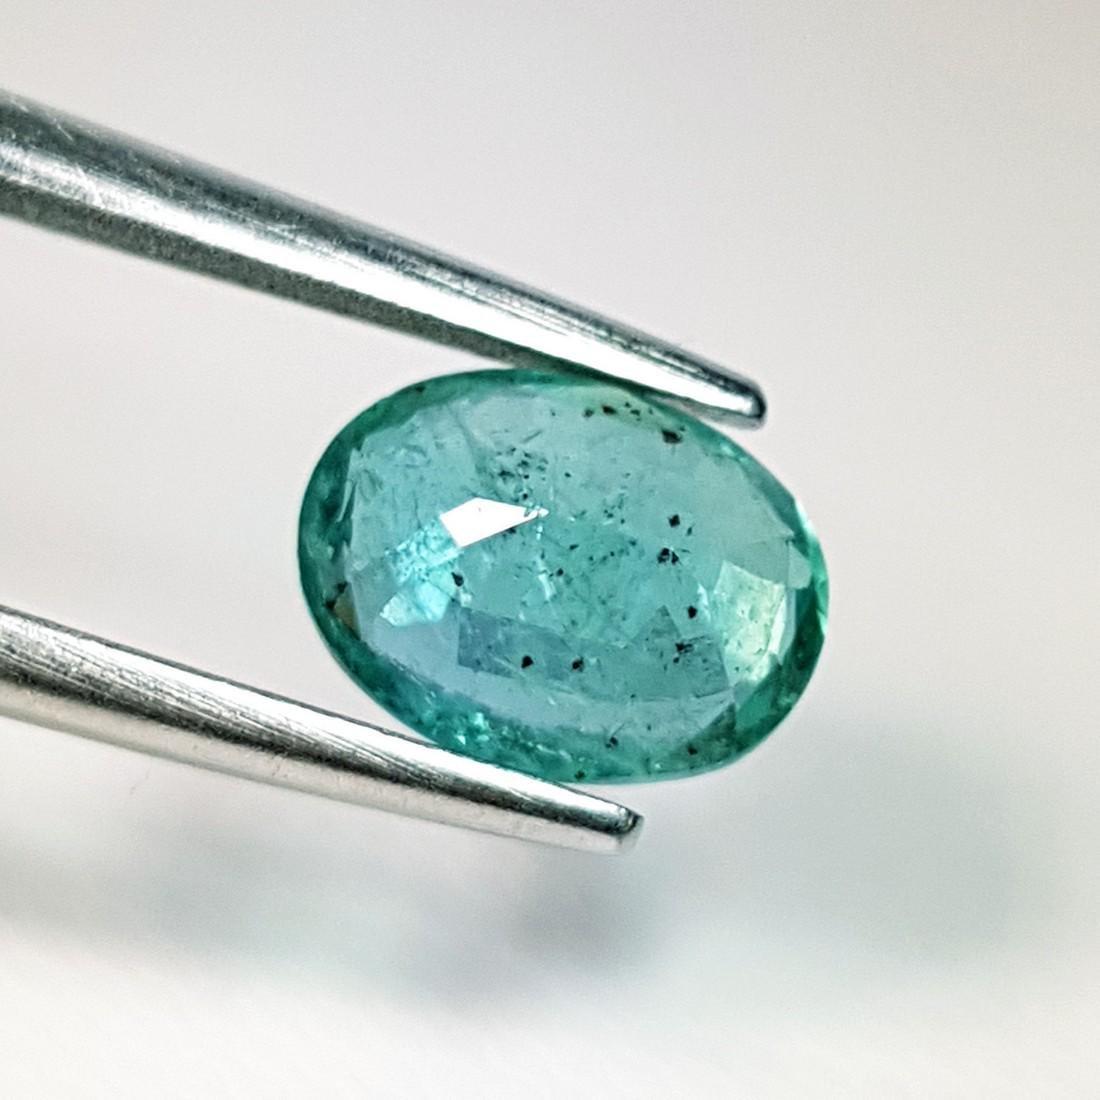 Fantastic Oval Cut Natural Emerald - 1.70 ct - 3